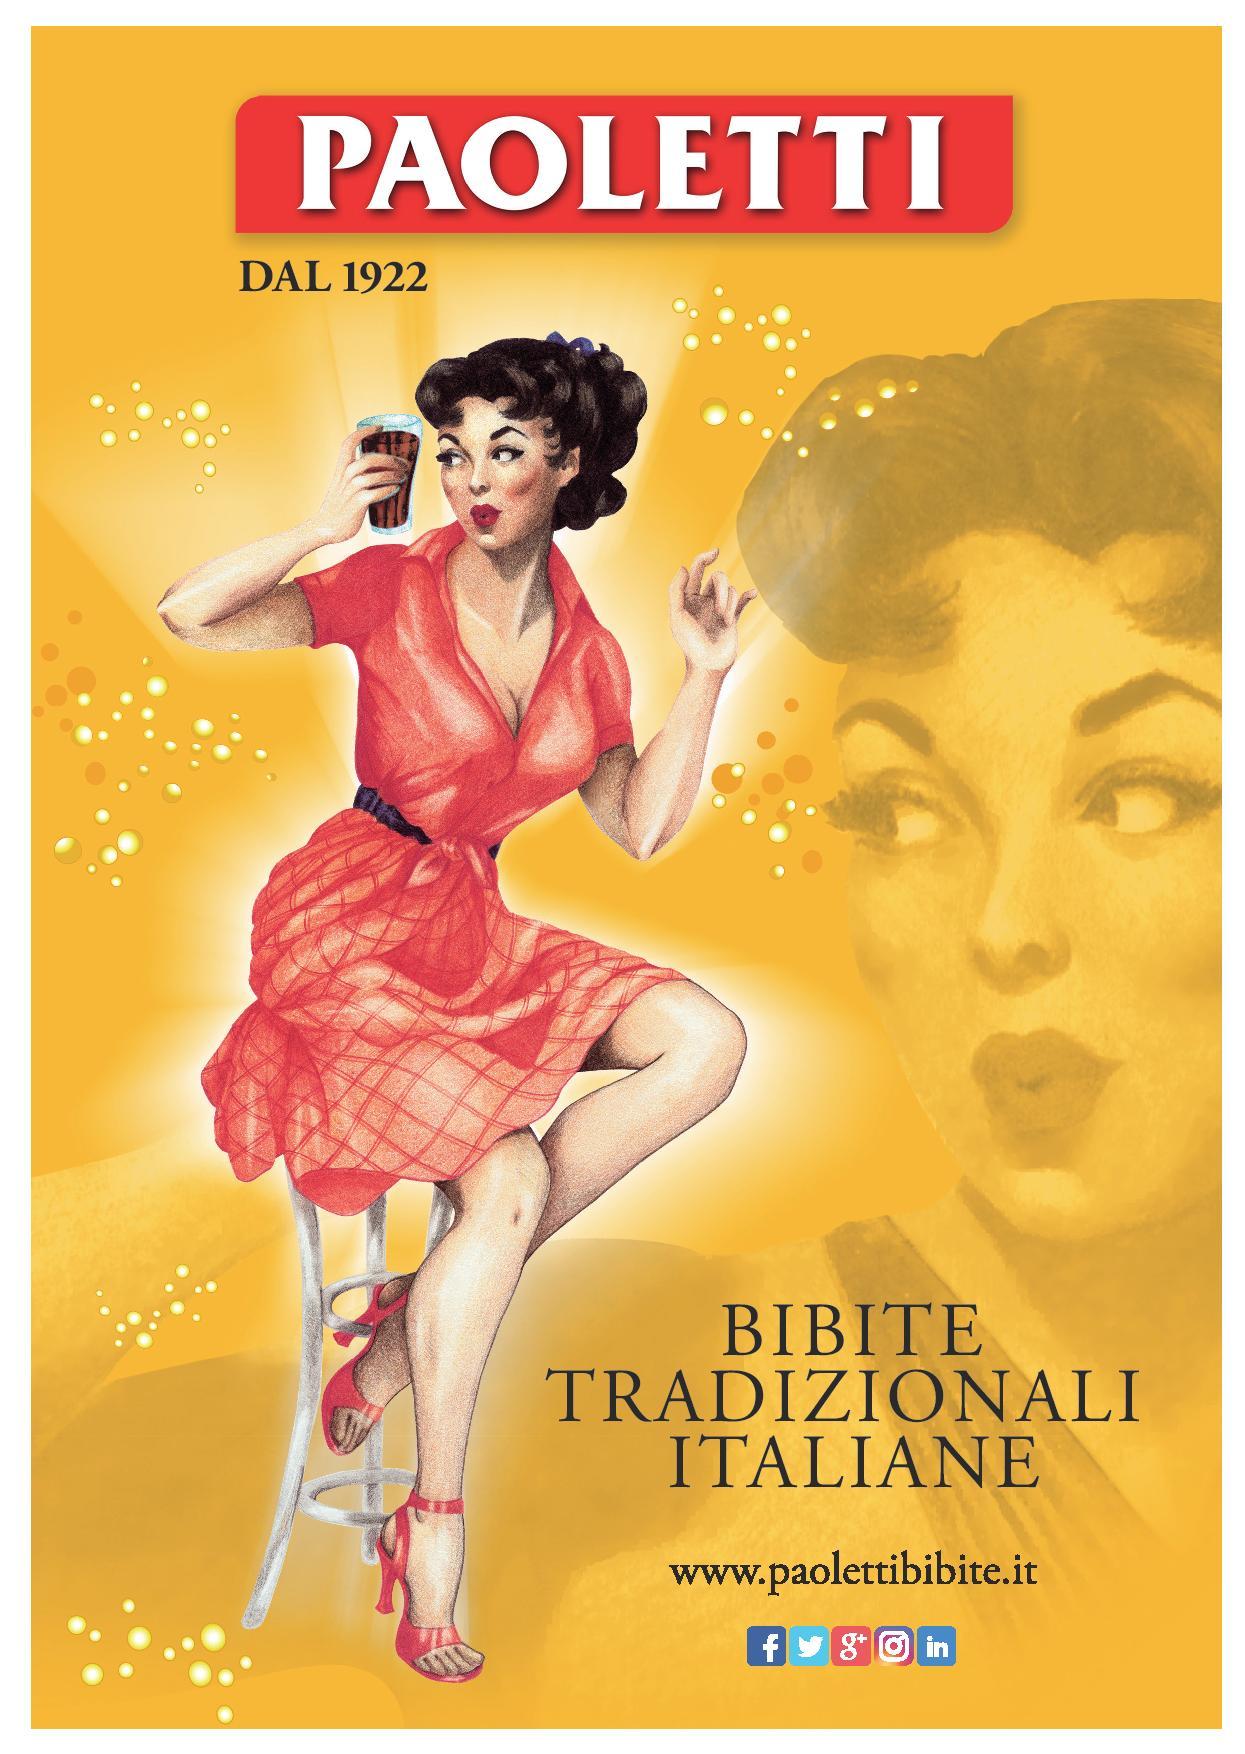 Logo-Paoletti